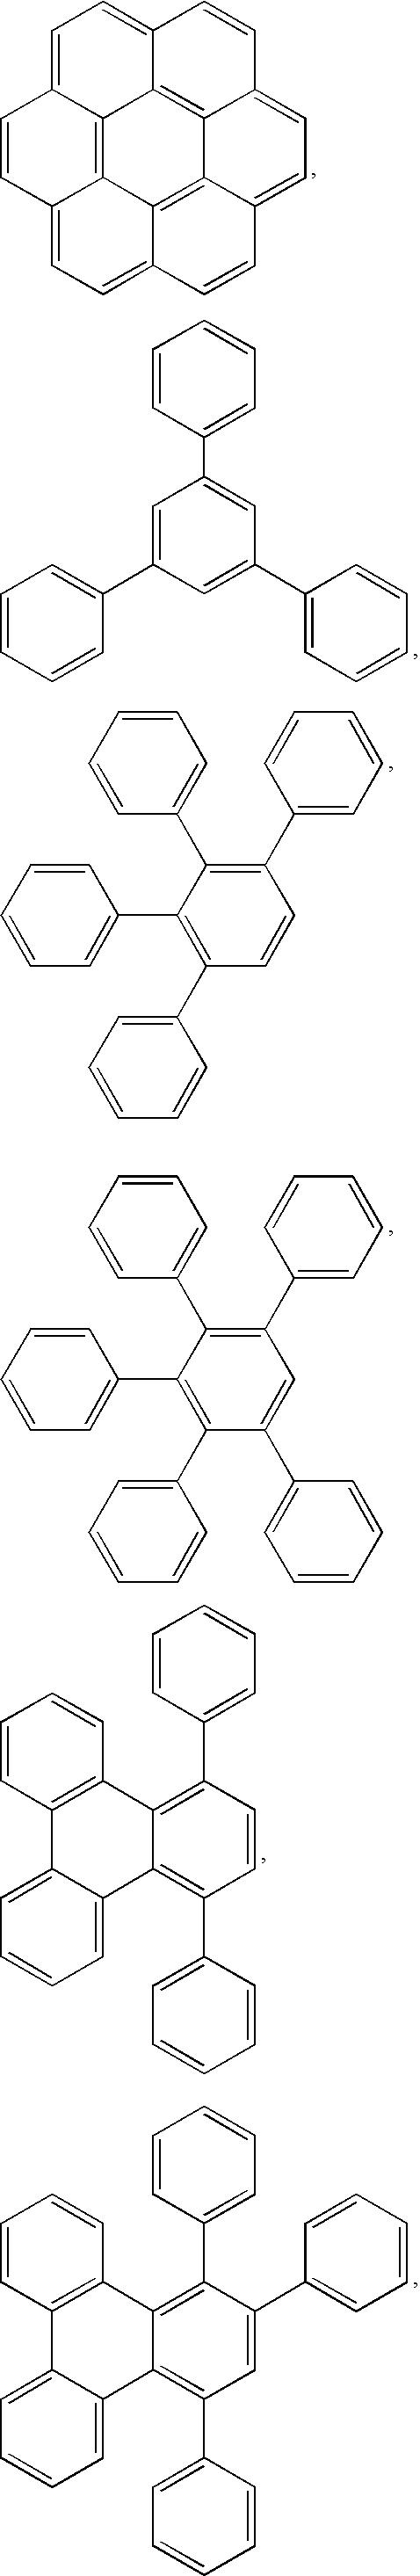 Figure US20070107835A1-20070517-C00030